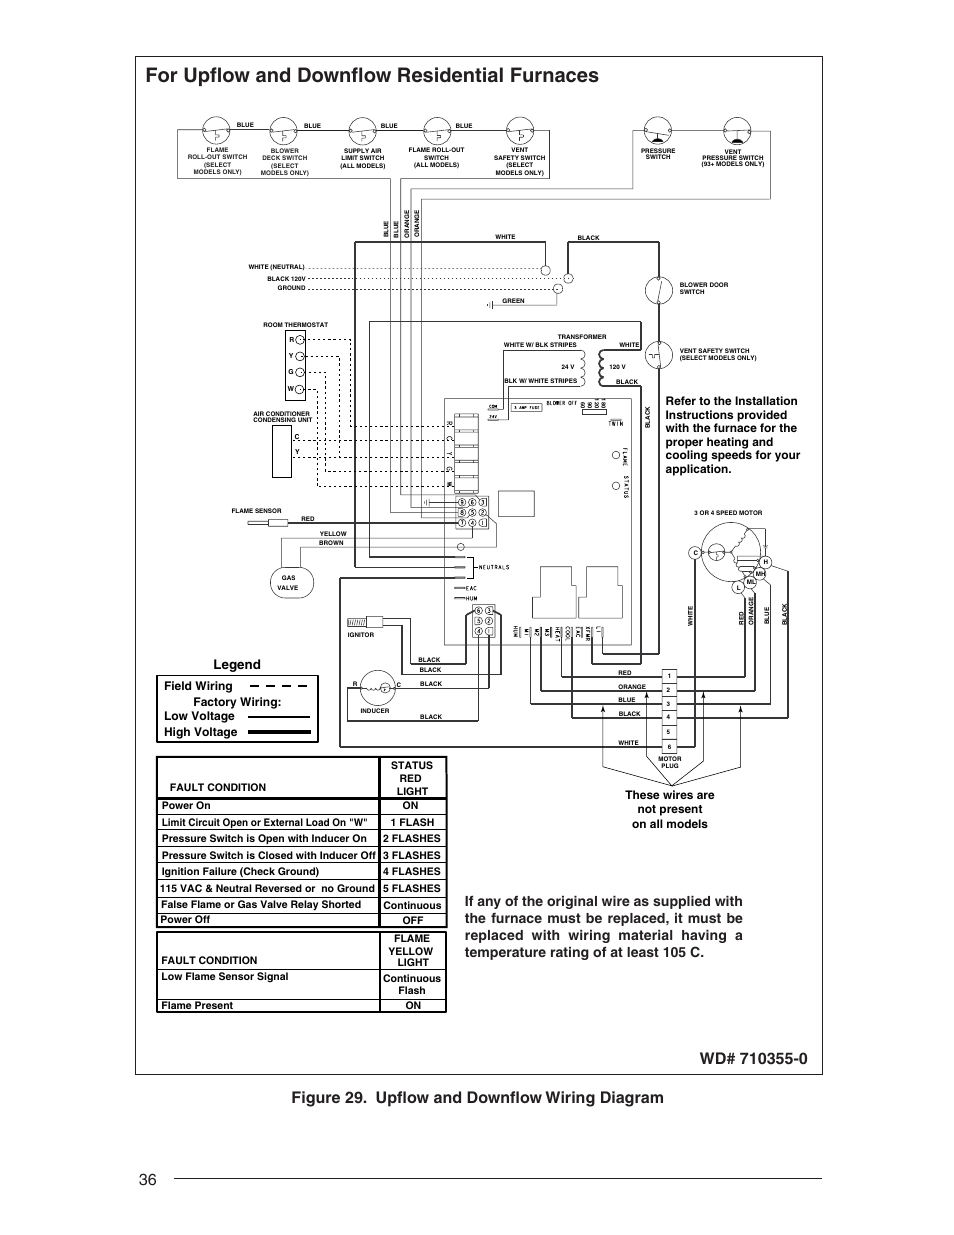 nordyne rl 90 page36?resize\=665%2C861 edenpure 1000 wiring diagram edenpure gen 3 wiring diagram, 1000 edenpure 1000xl wiring diagram at mifinder.co